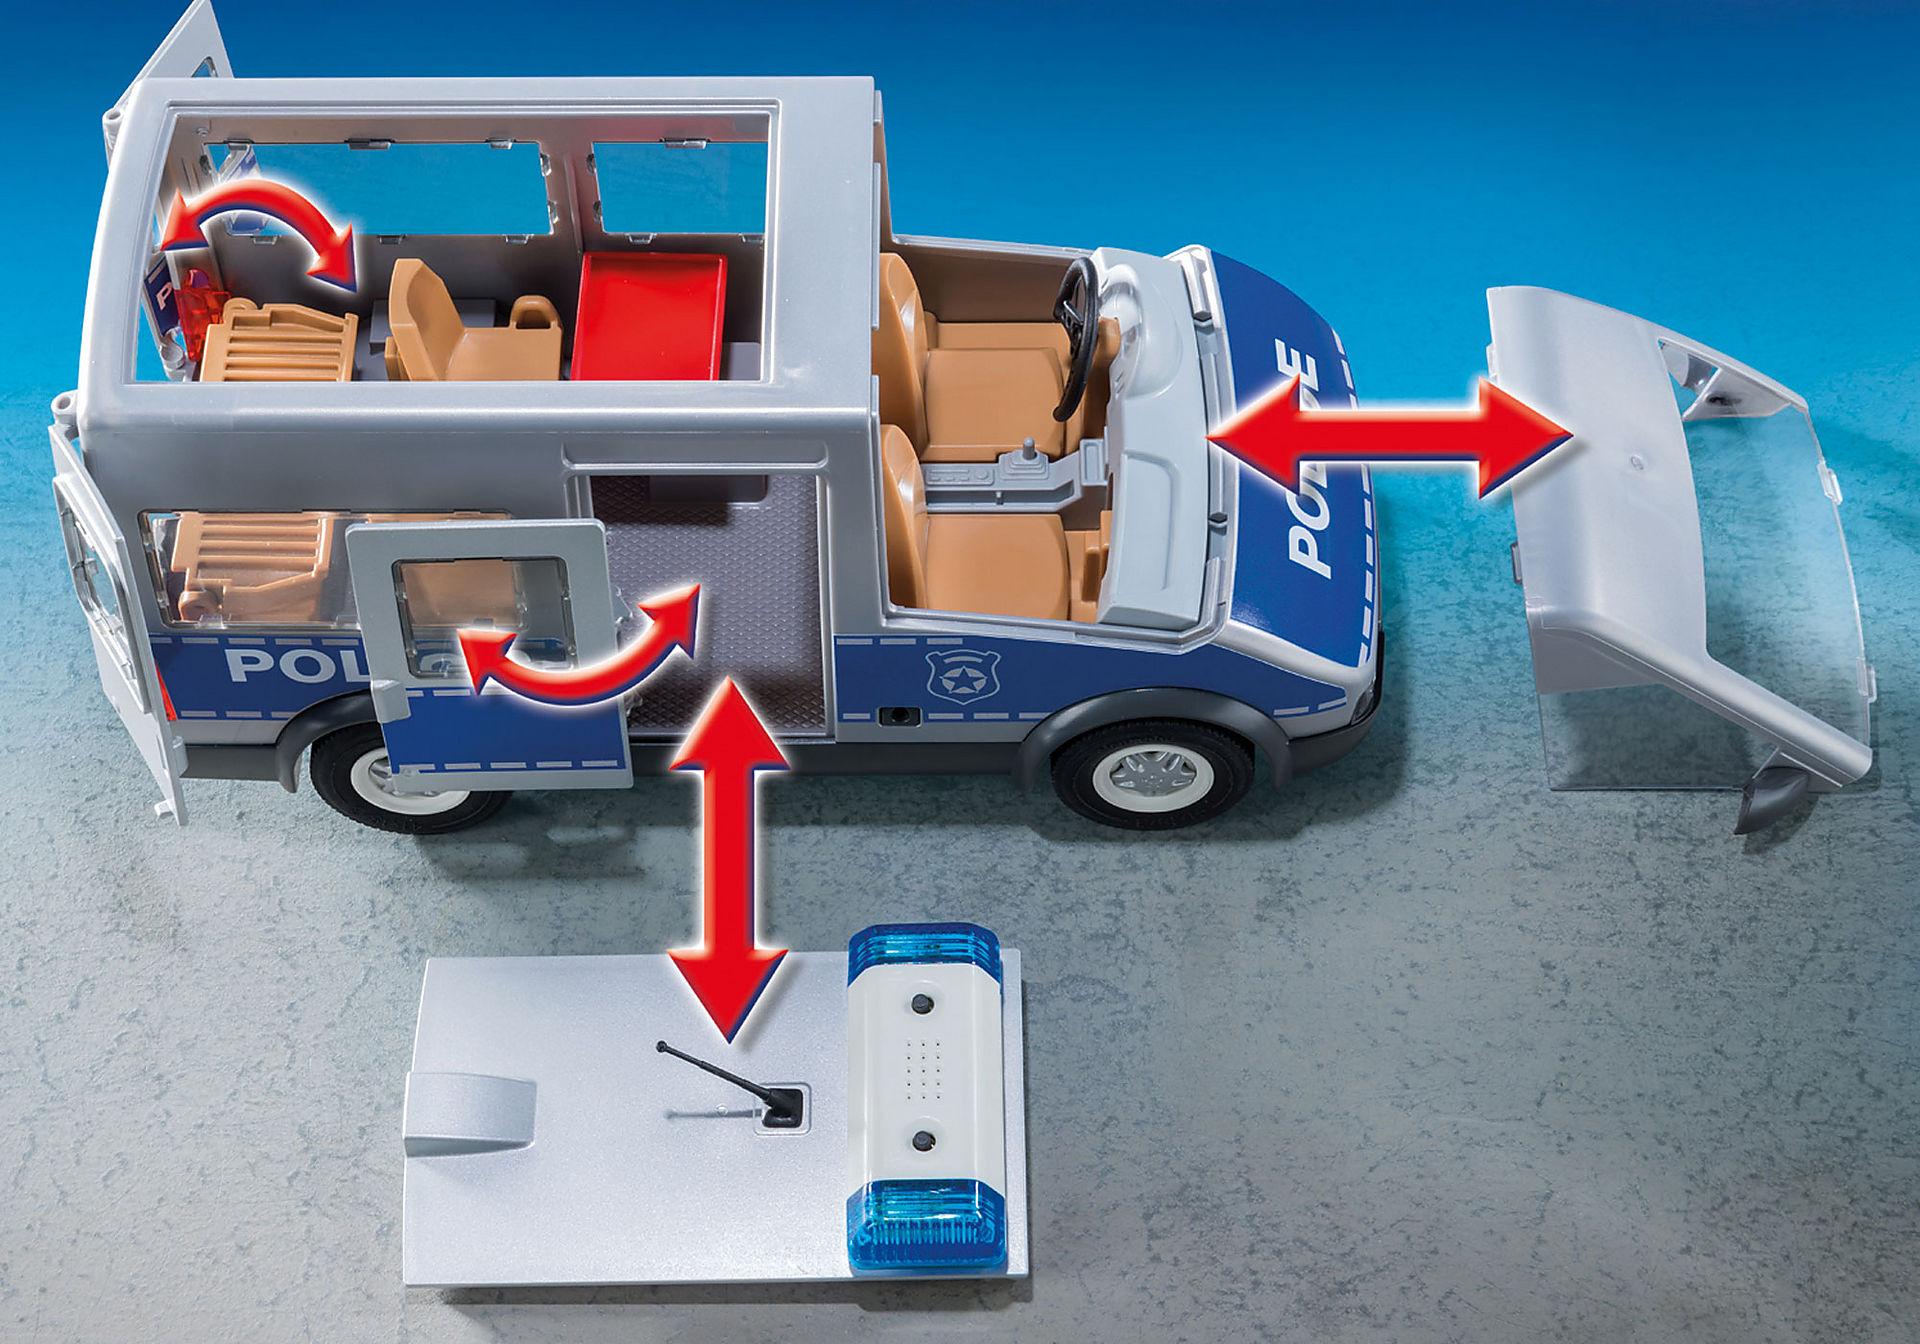 http://media.playmobil.com/i/playmobil/9236_product_extra3/Politie interventiewagen met wegversperring